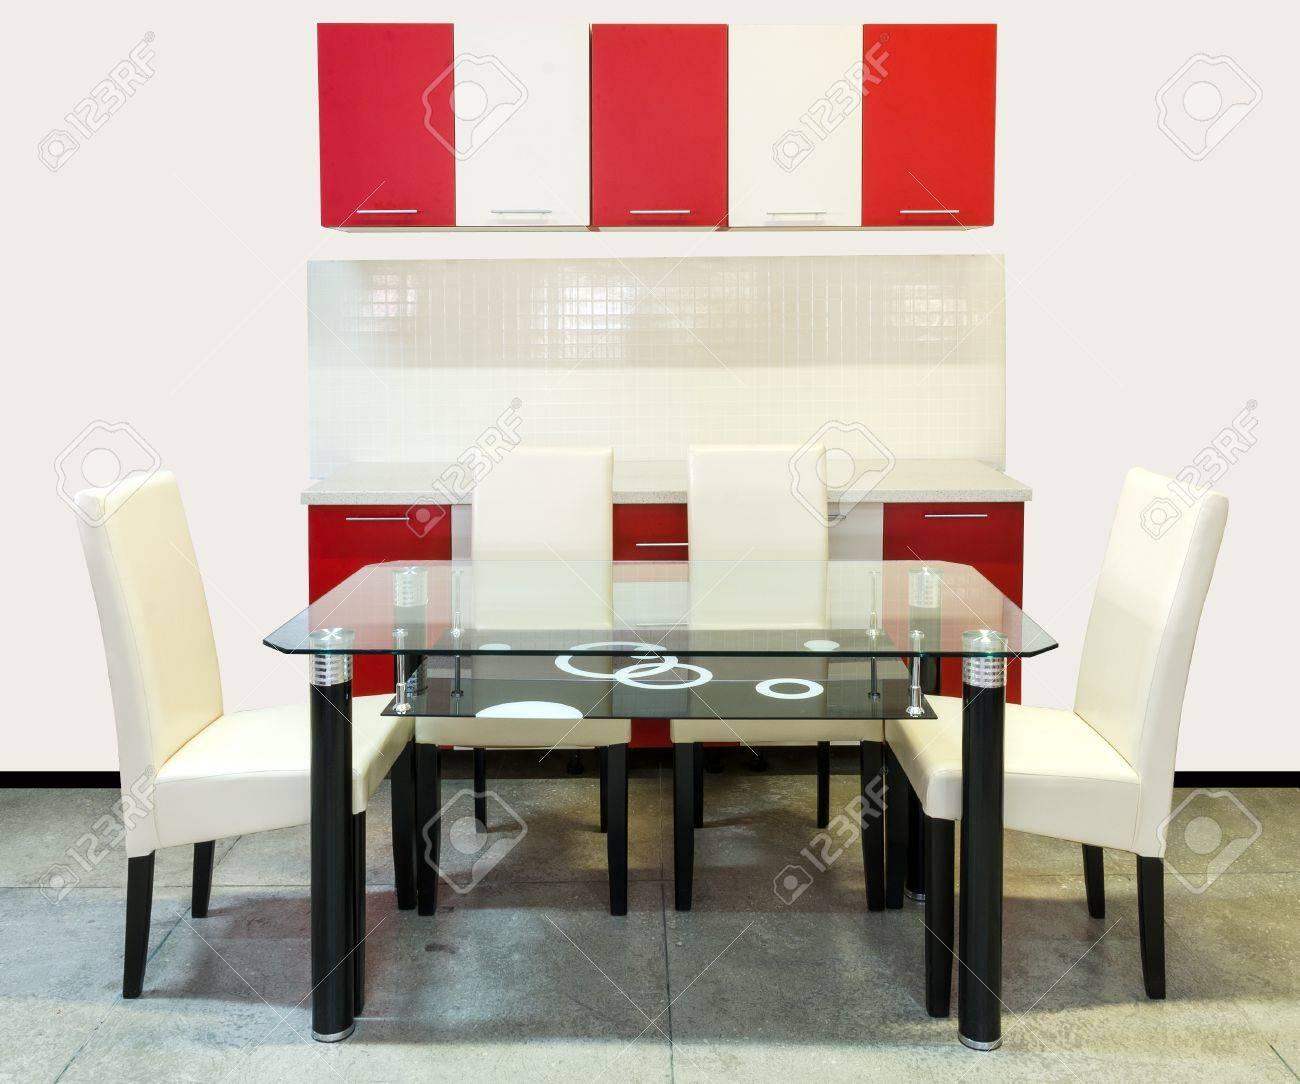 Muebles De Cocina Moderna Con Muebles De Madera, Una Mesa De Vidrio ...